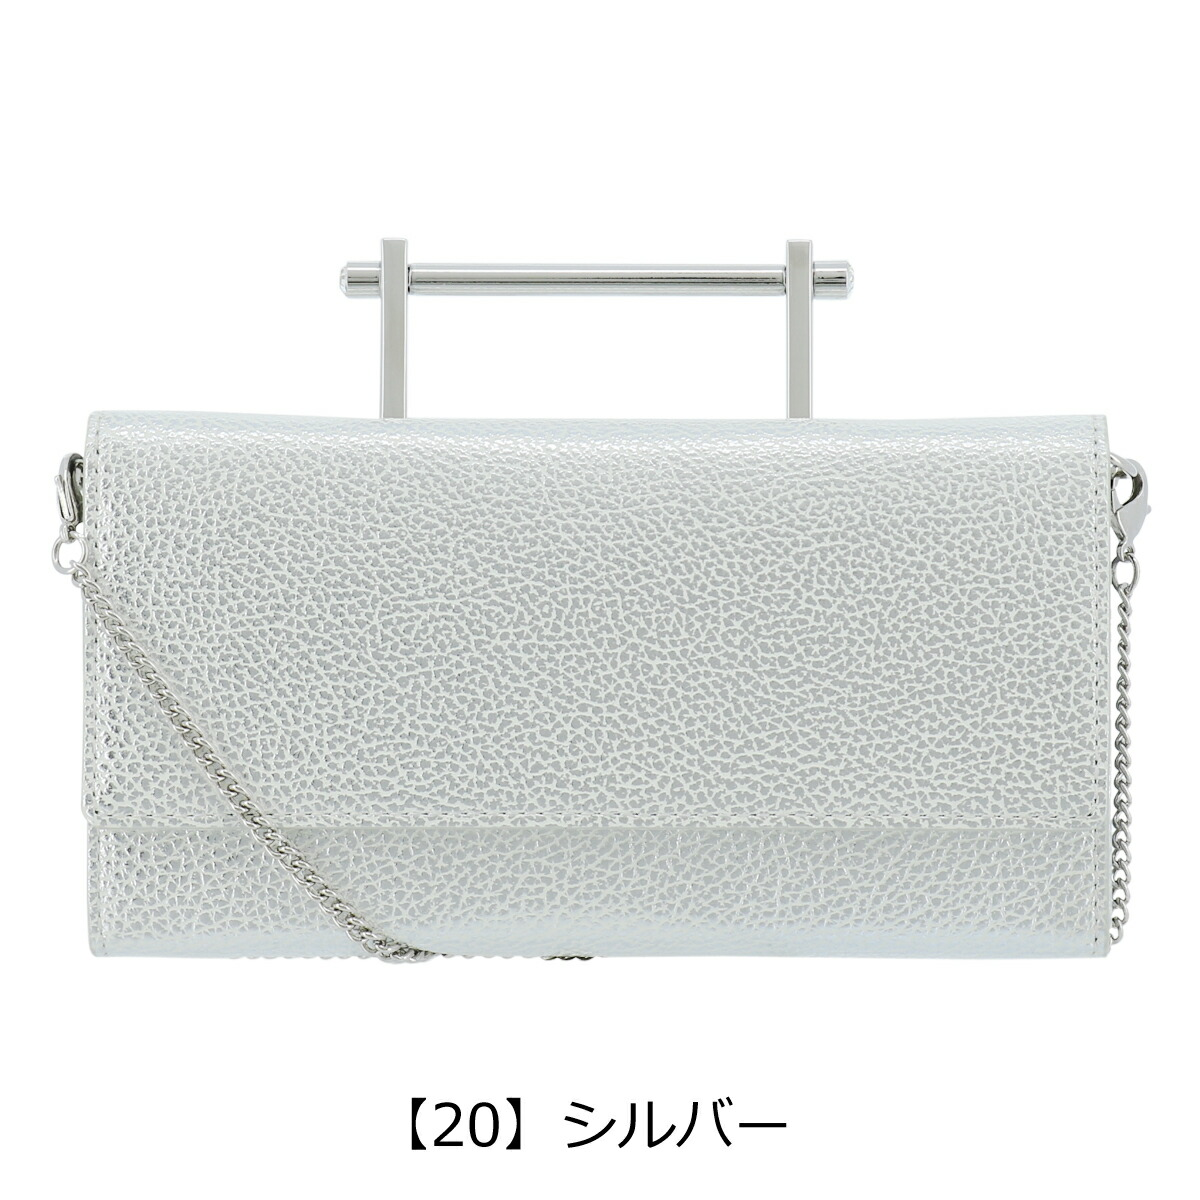 【20】シルバー